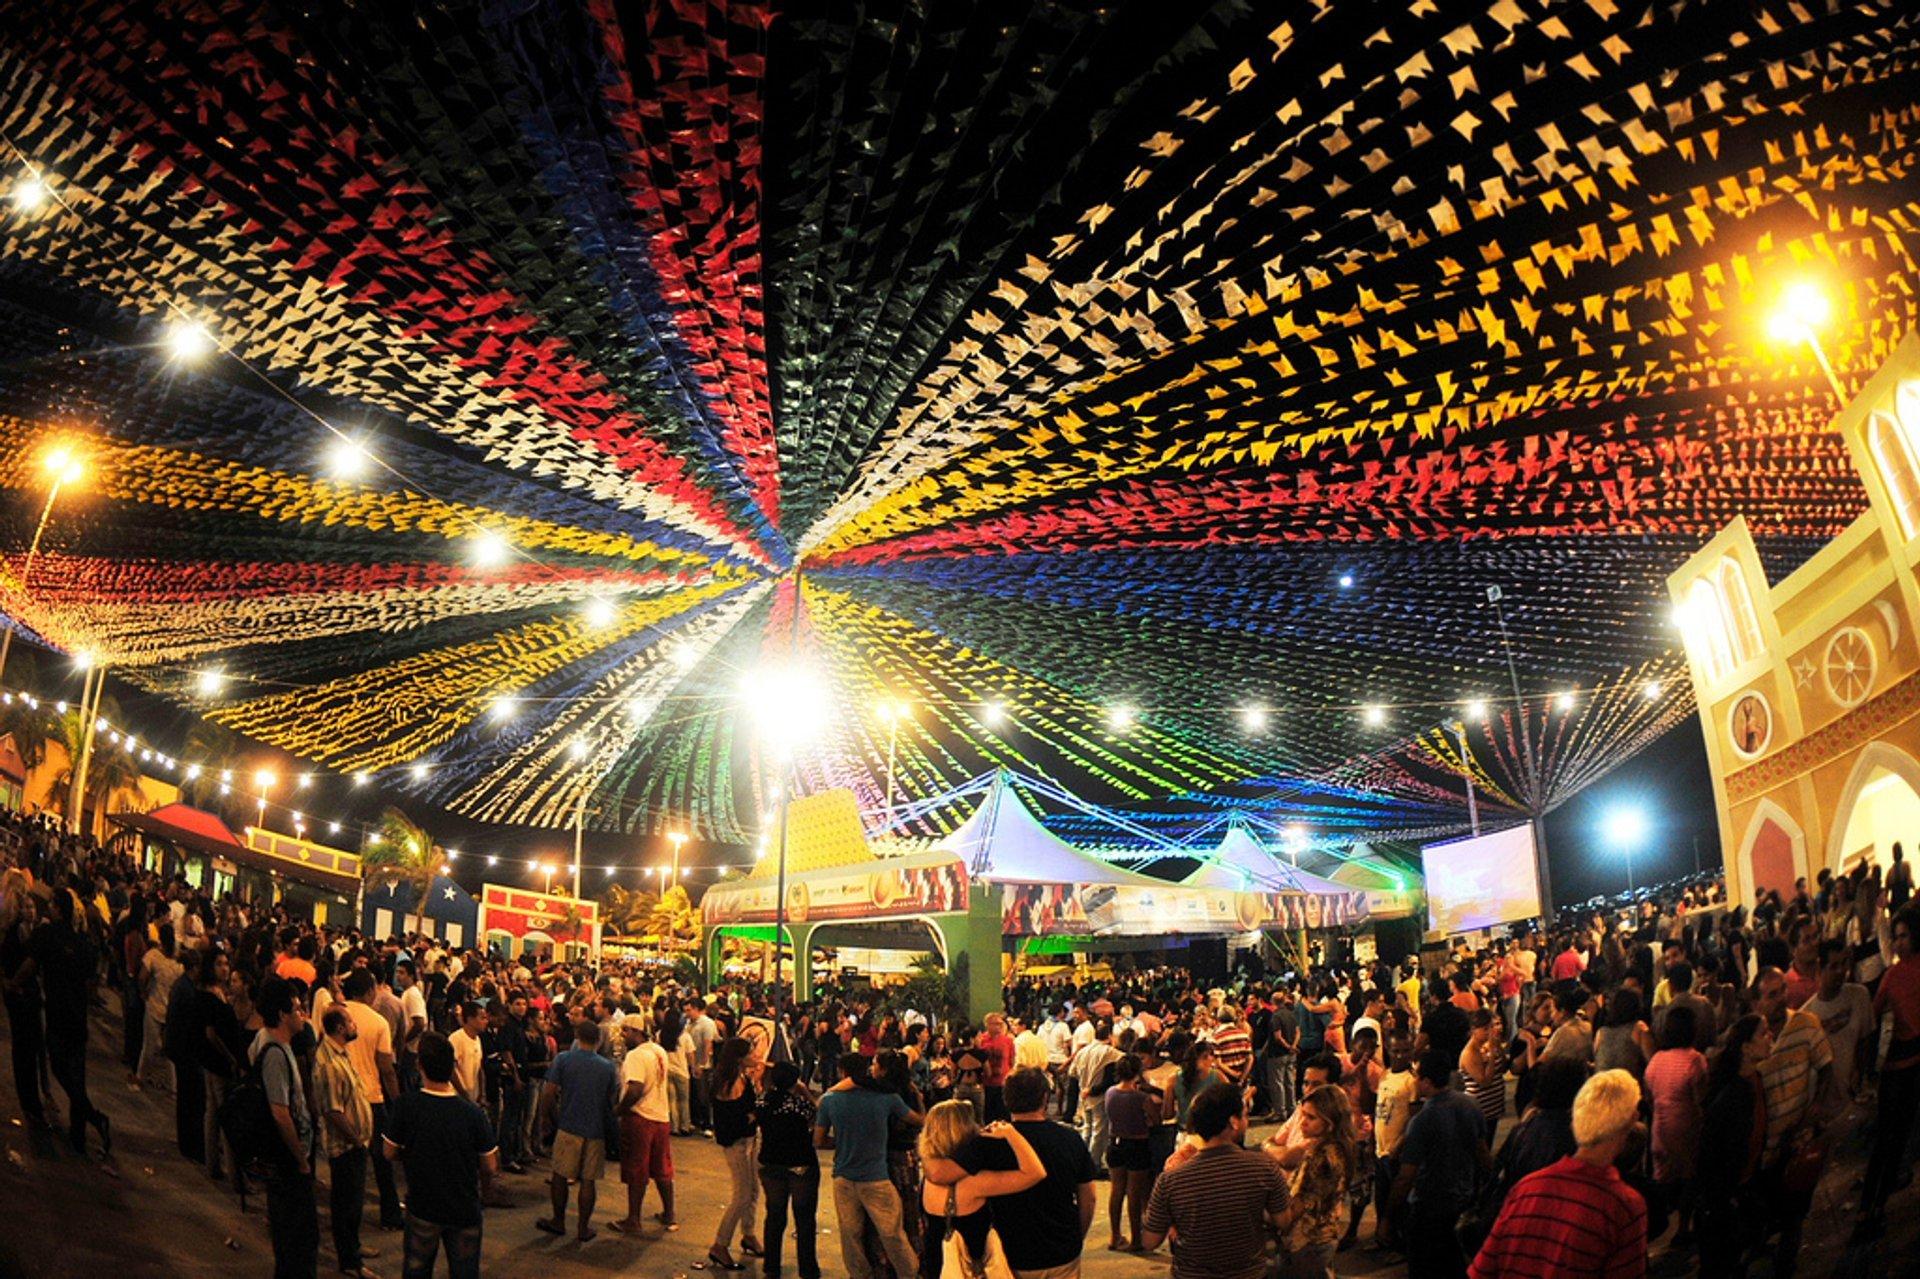 Festa de São João do Porto in Portugal 2019 - Best Time